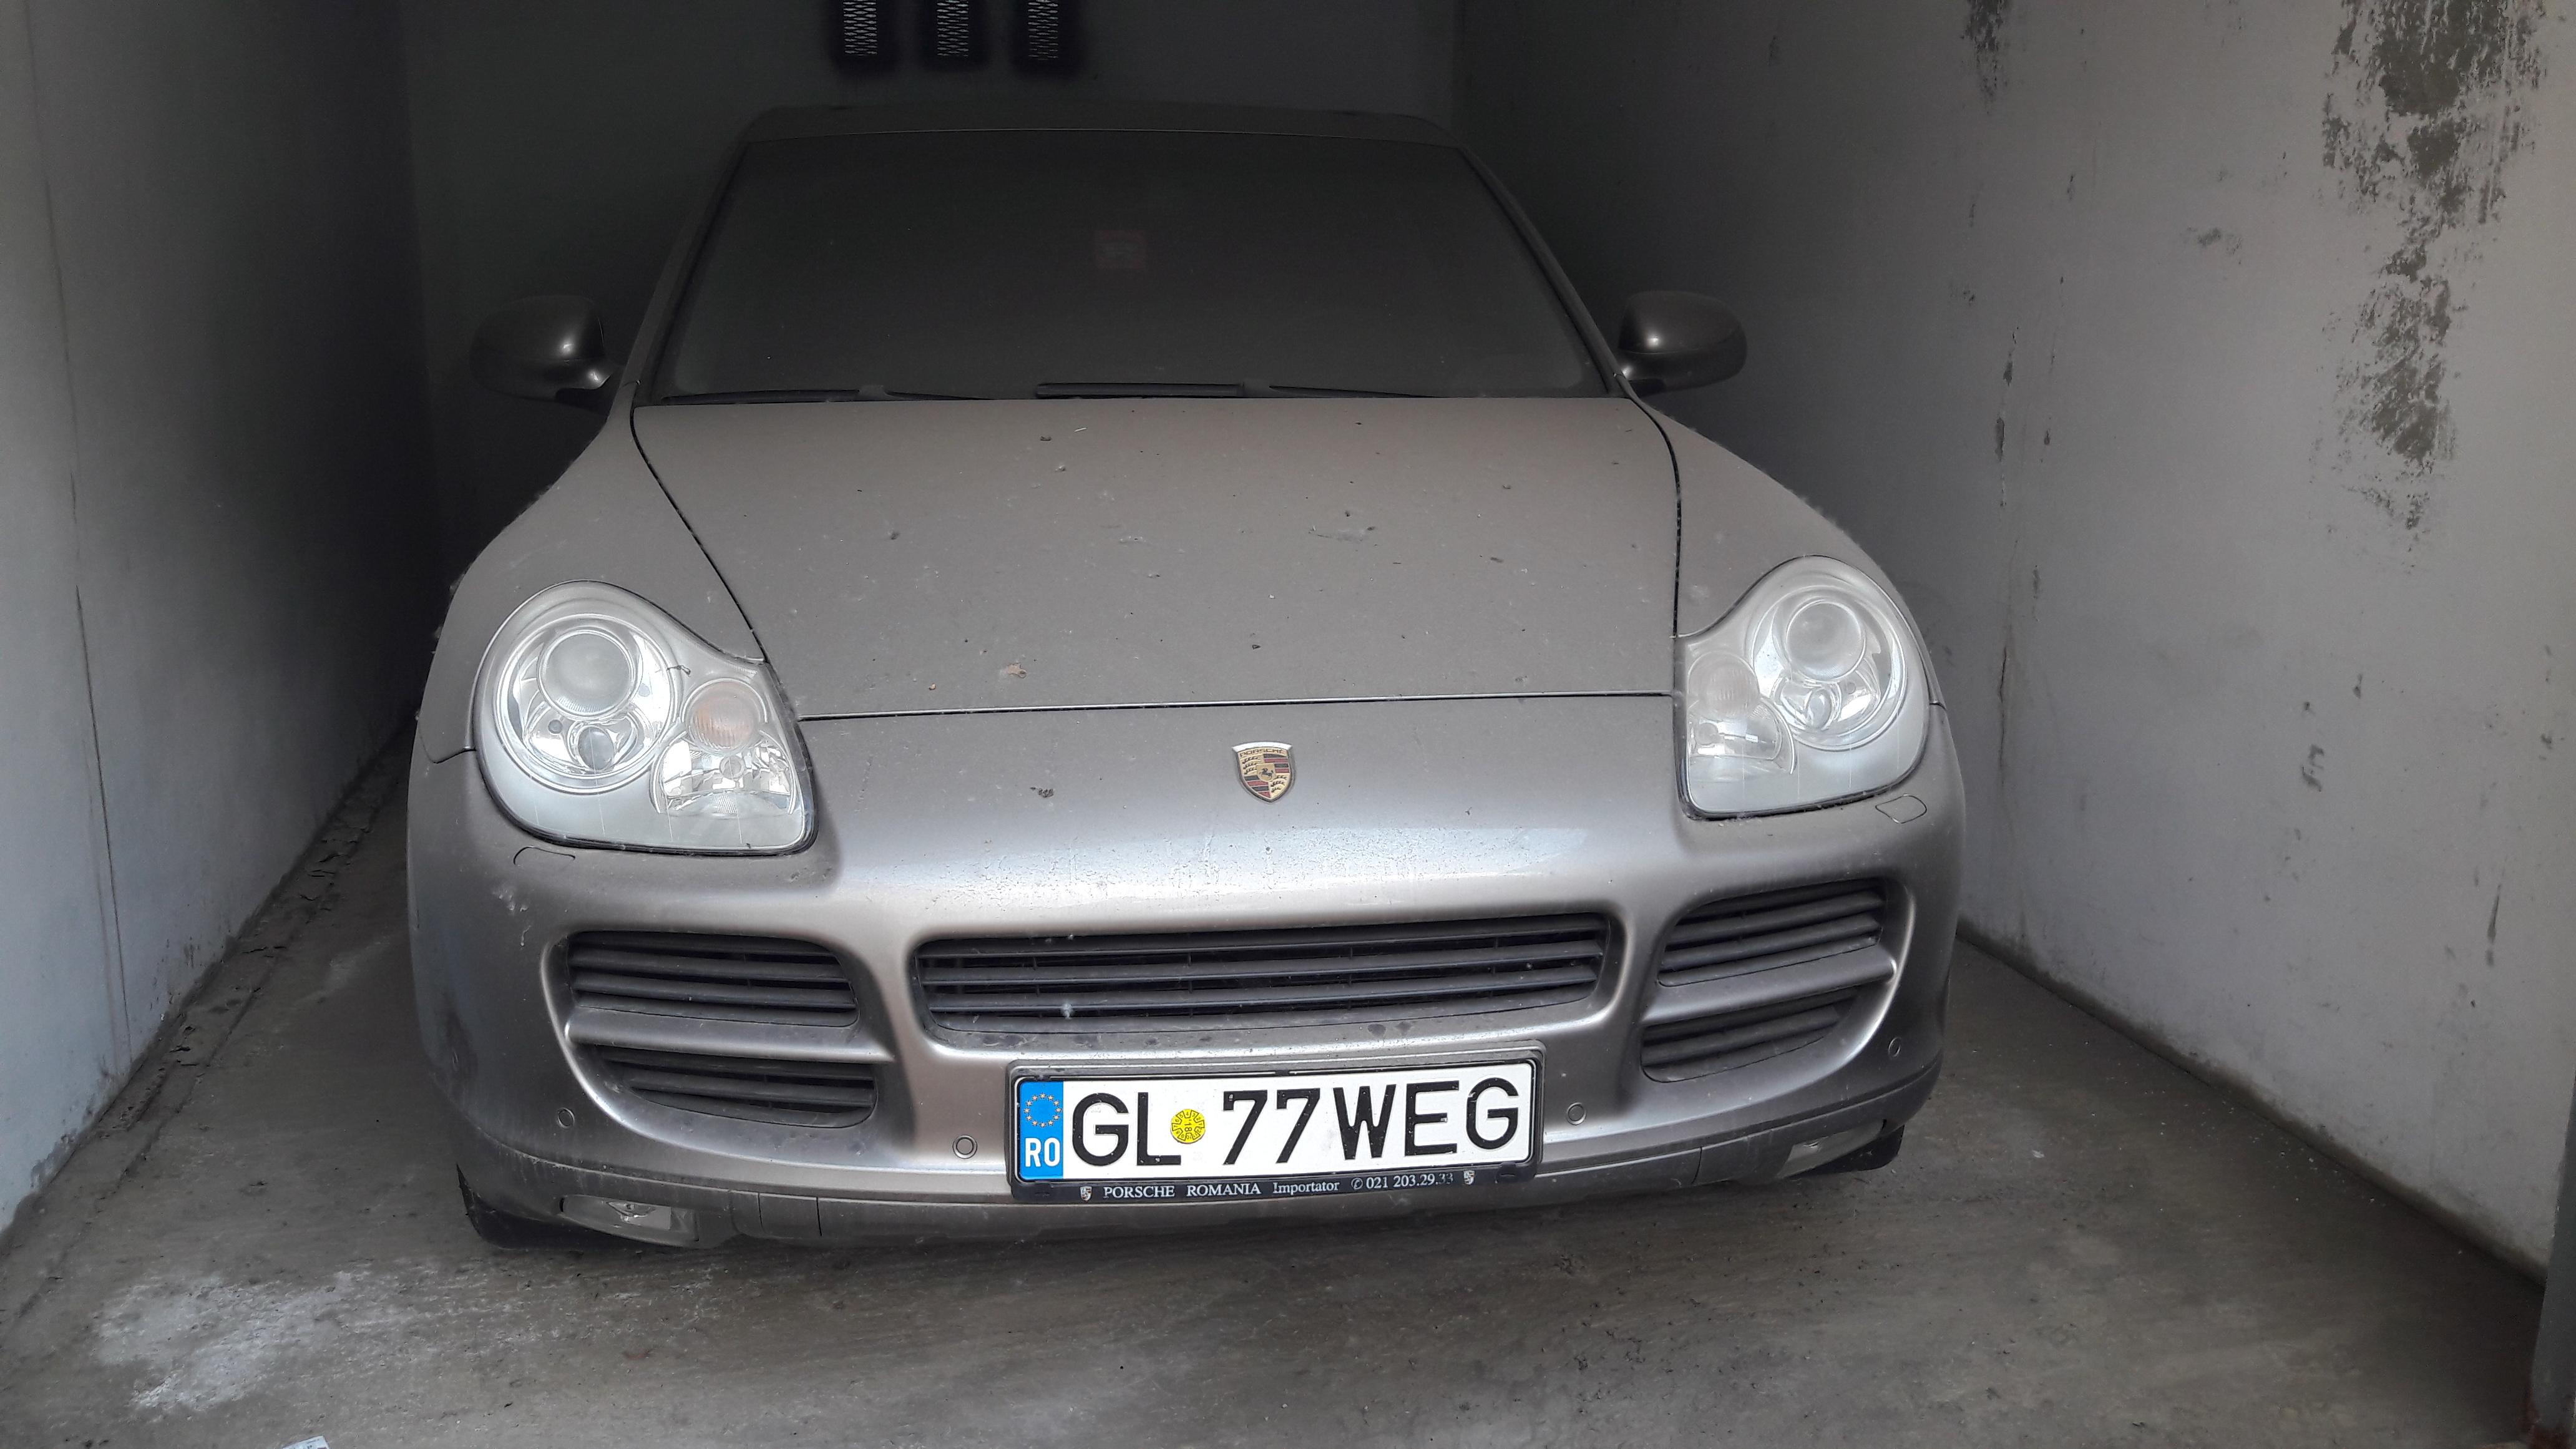 Autovehicul SUV Porsche Cayenne - GL 77 WEG